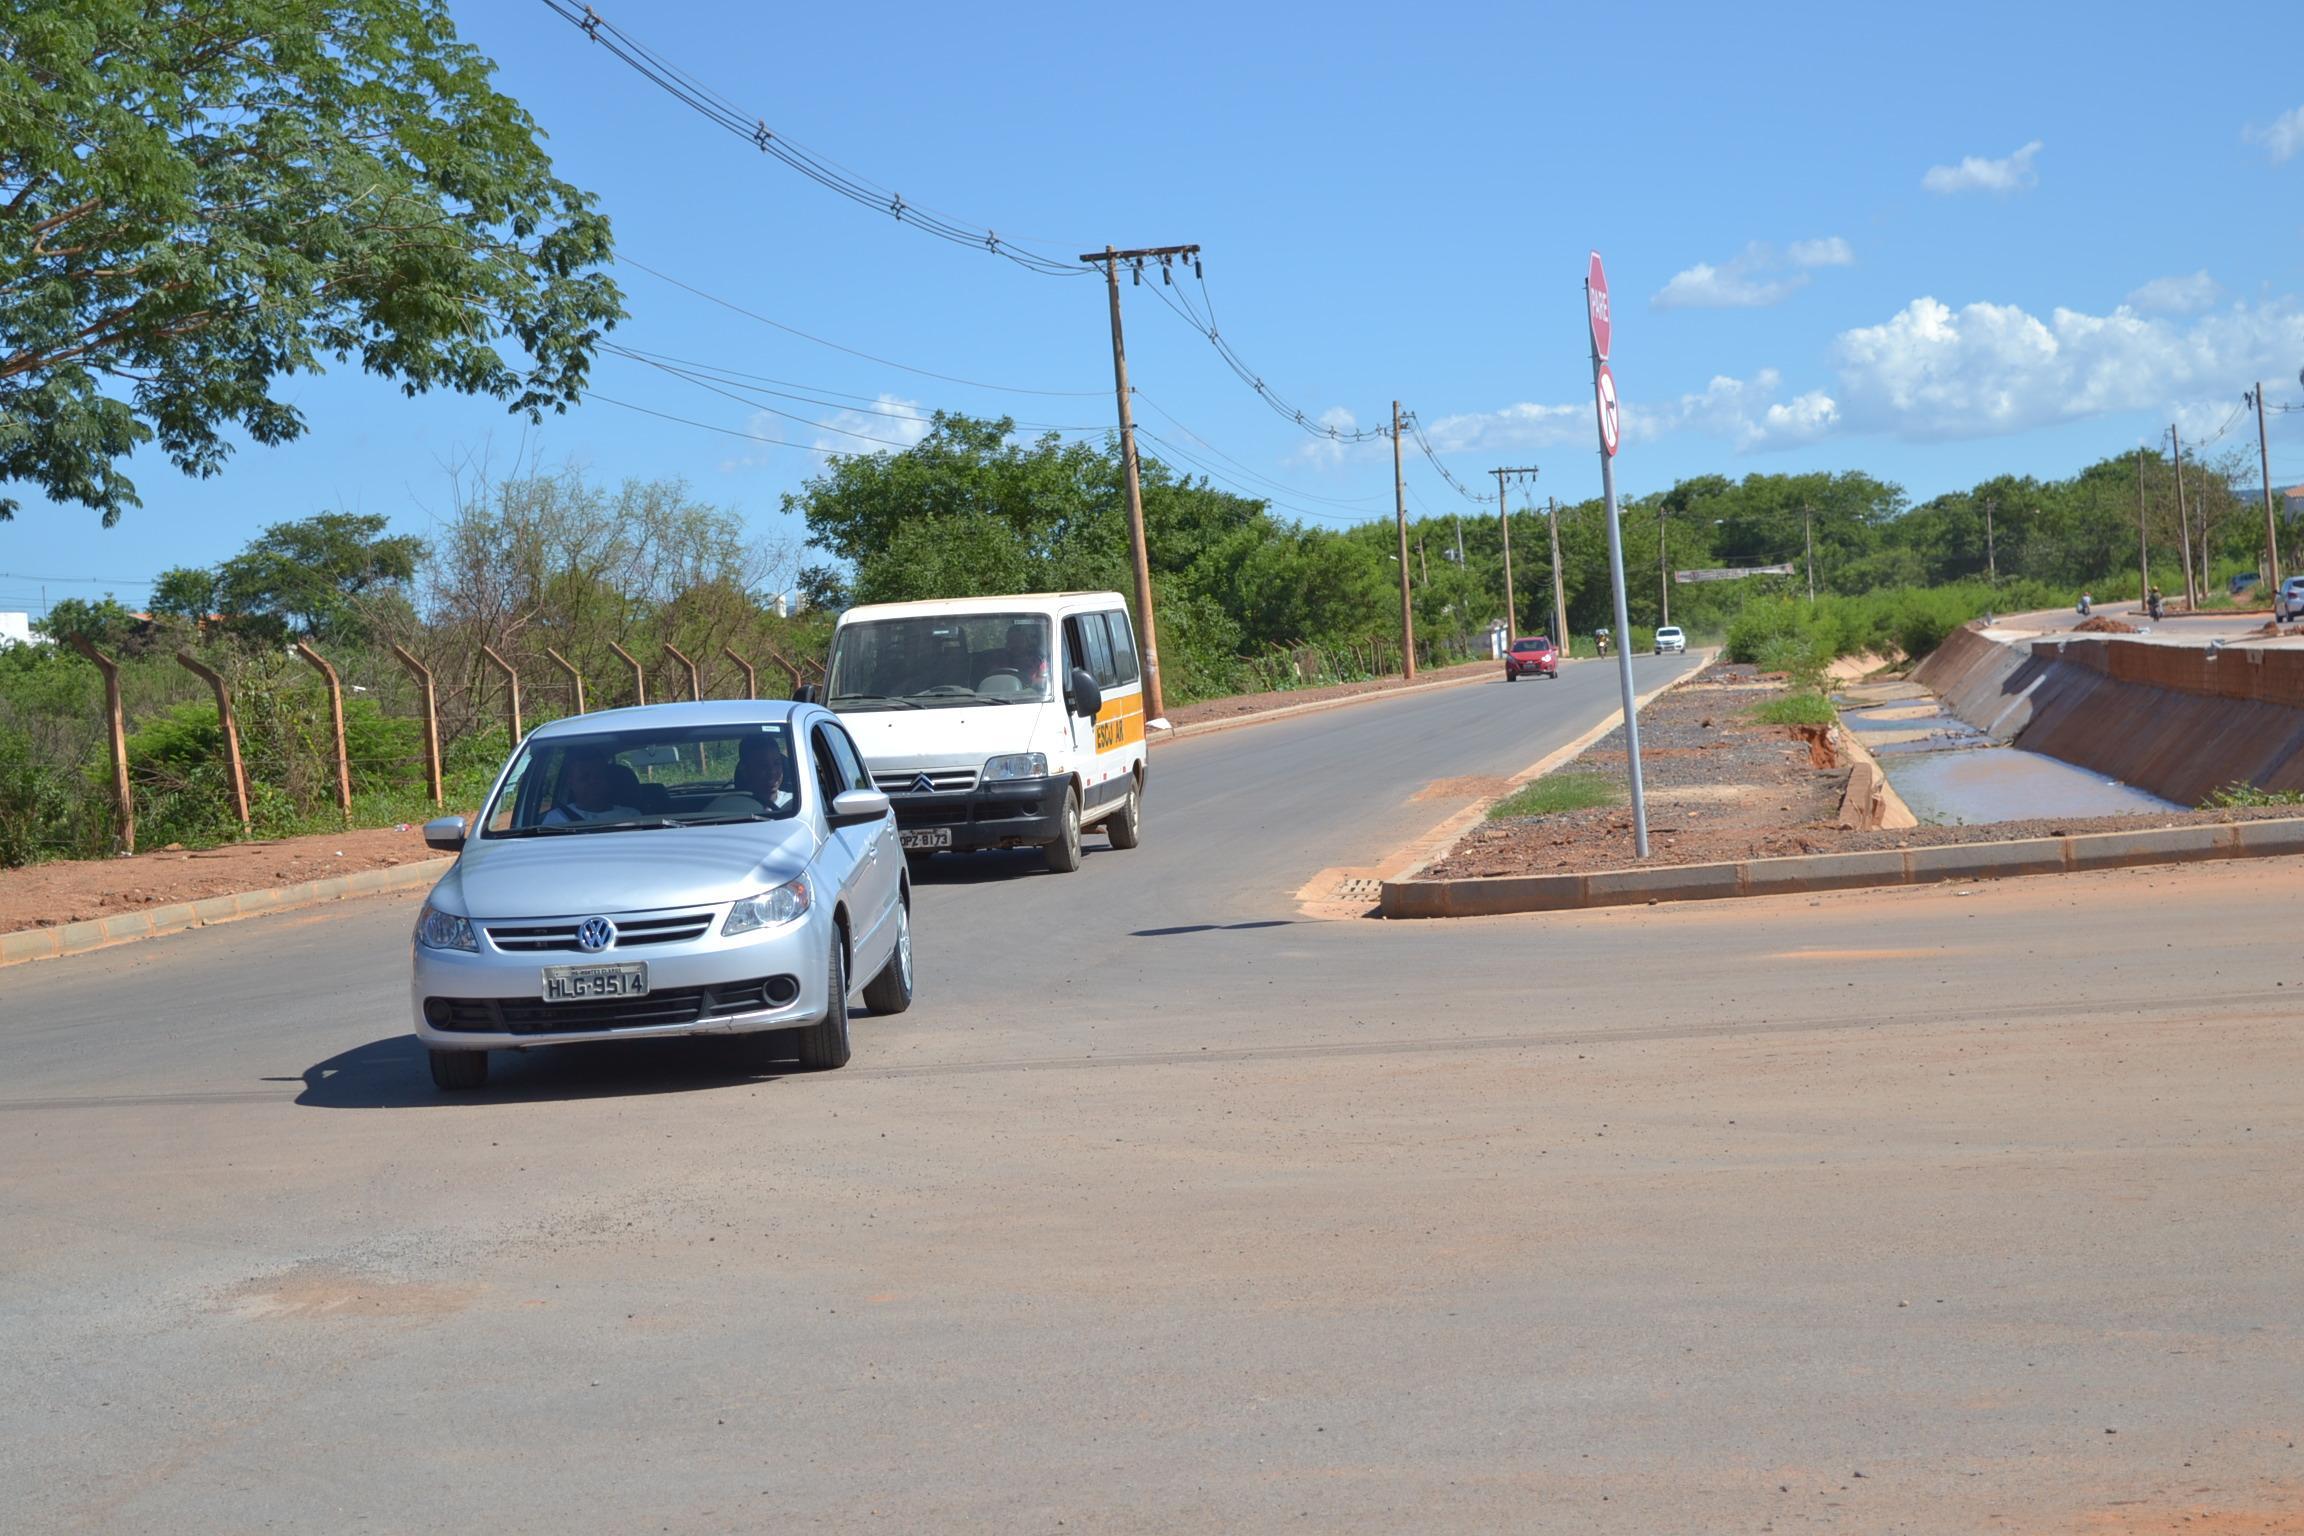 Imagem de destaque MOBILIDADE URBANA E SEGURANÇA - Prefeitura muda trânsito na avenida do Córrego das Melancias